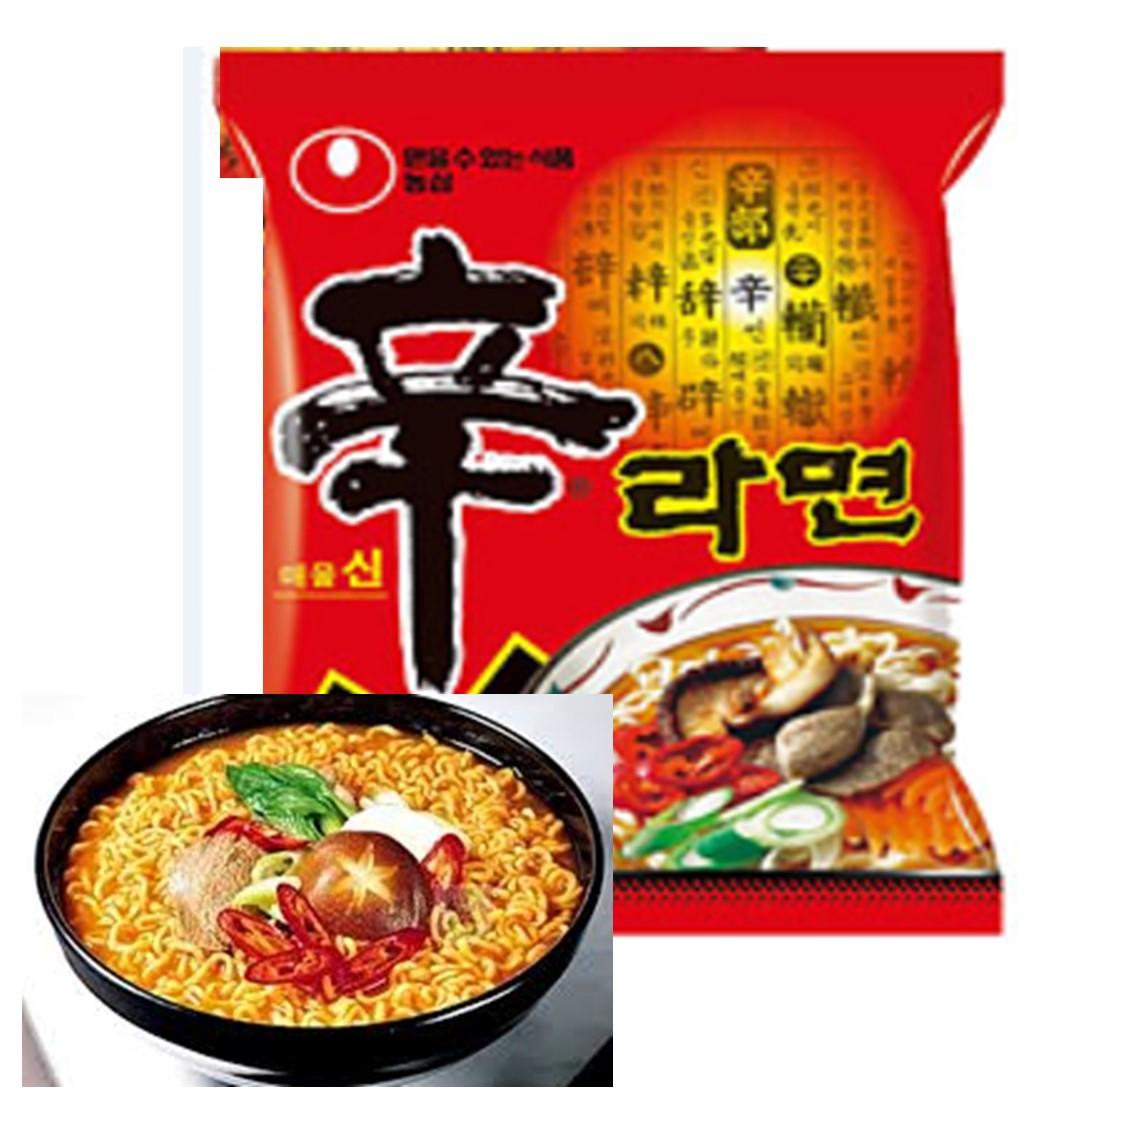 韓國農心辛拉麵泡麵 1 箱 【樂活生活館】